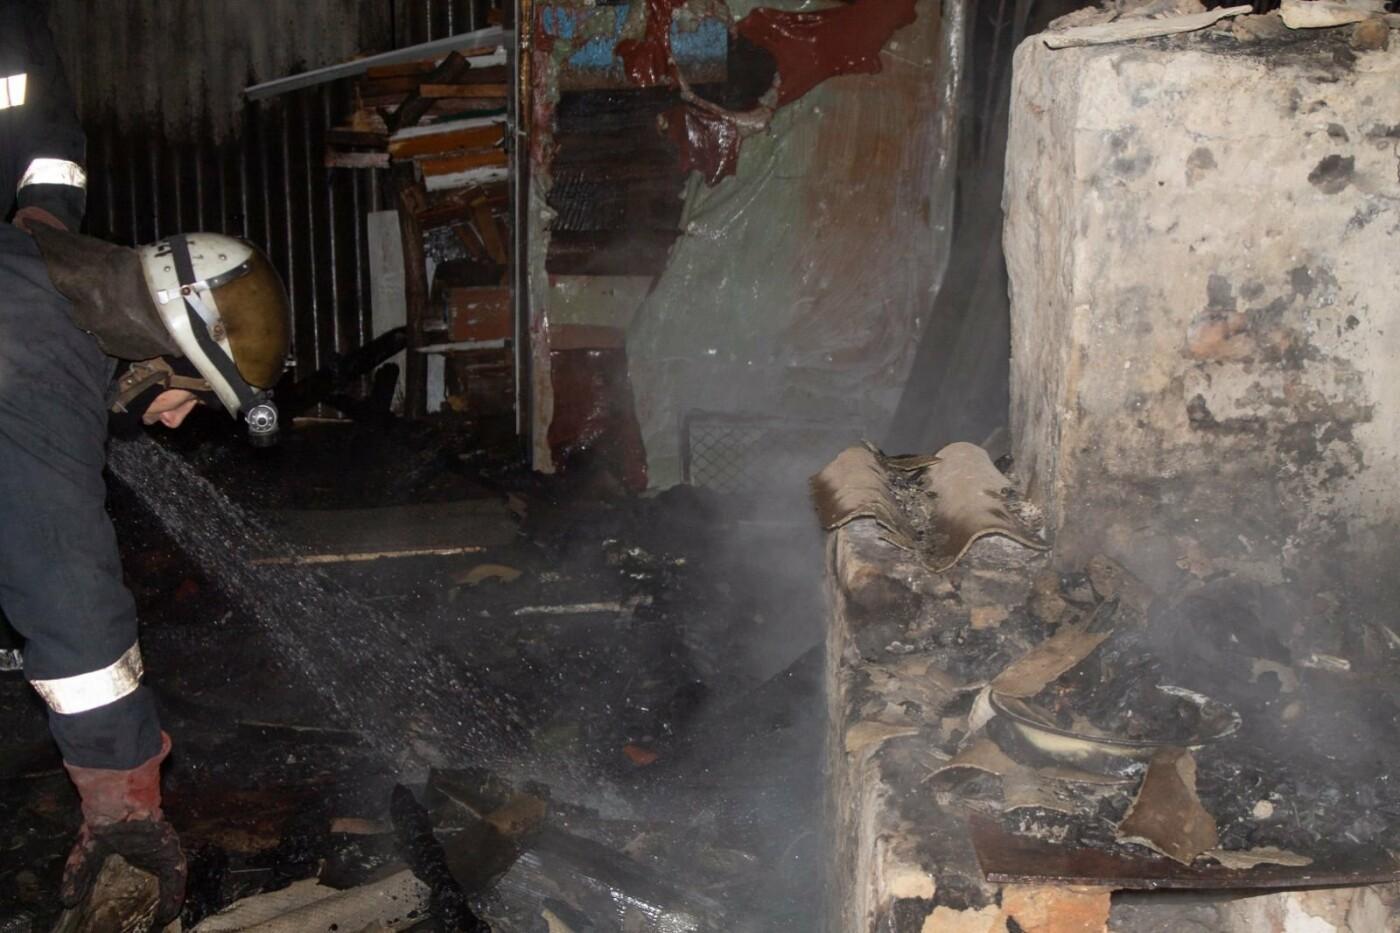 В Харьковской области загорелась летняя кухня частного дома: погиб мужчина, - ФОТО, фото-3